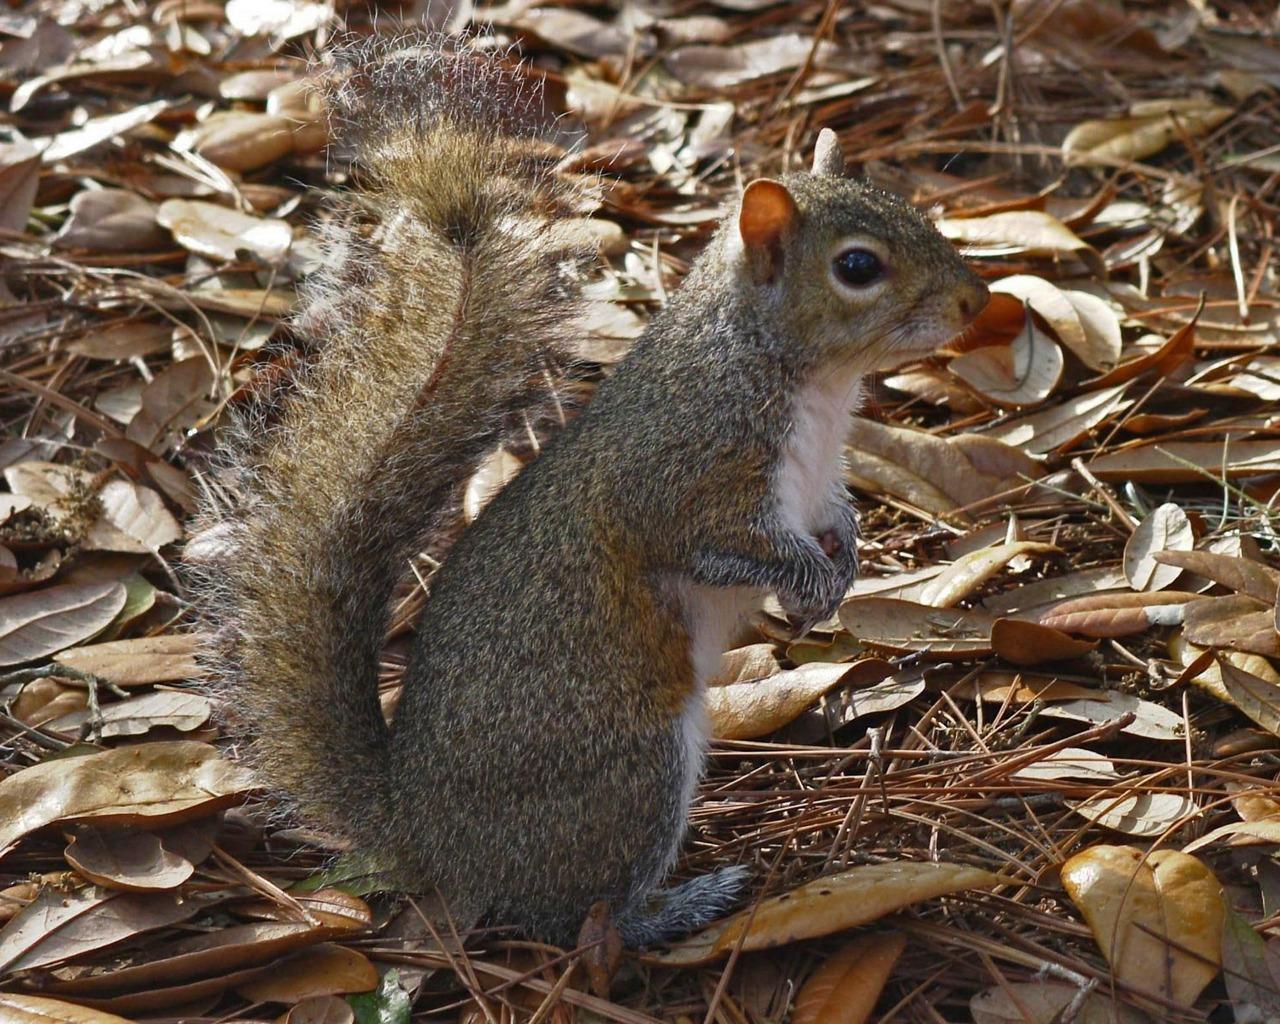 صور سنجاب Squirrel Pictures See A Picture